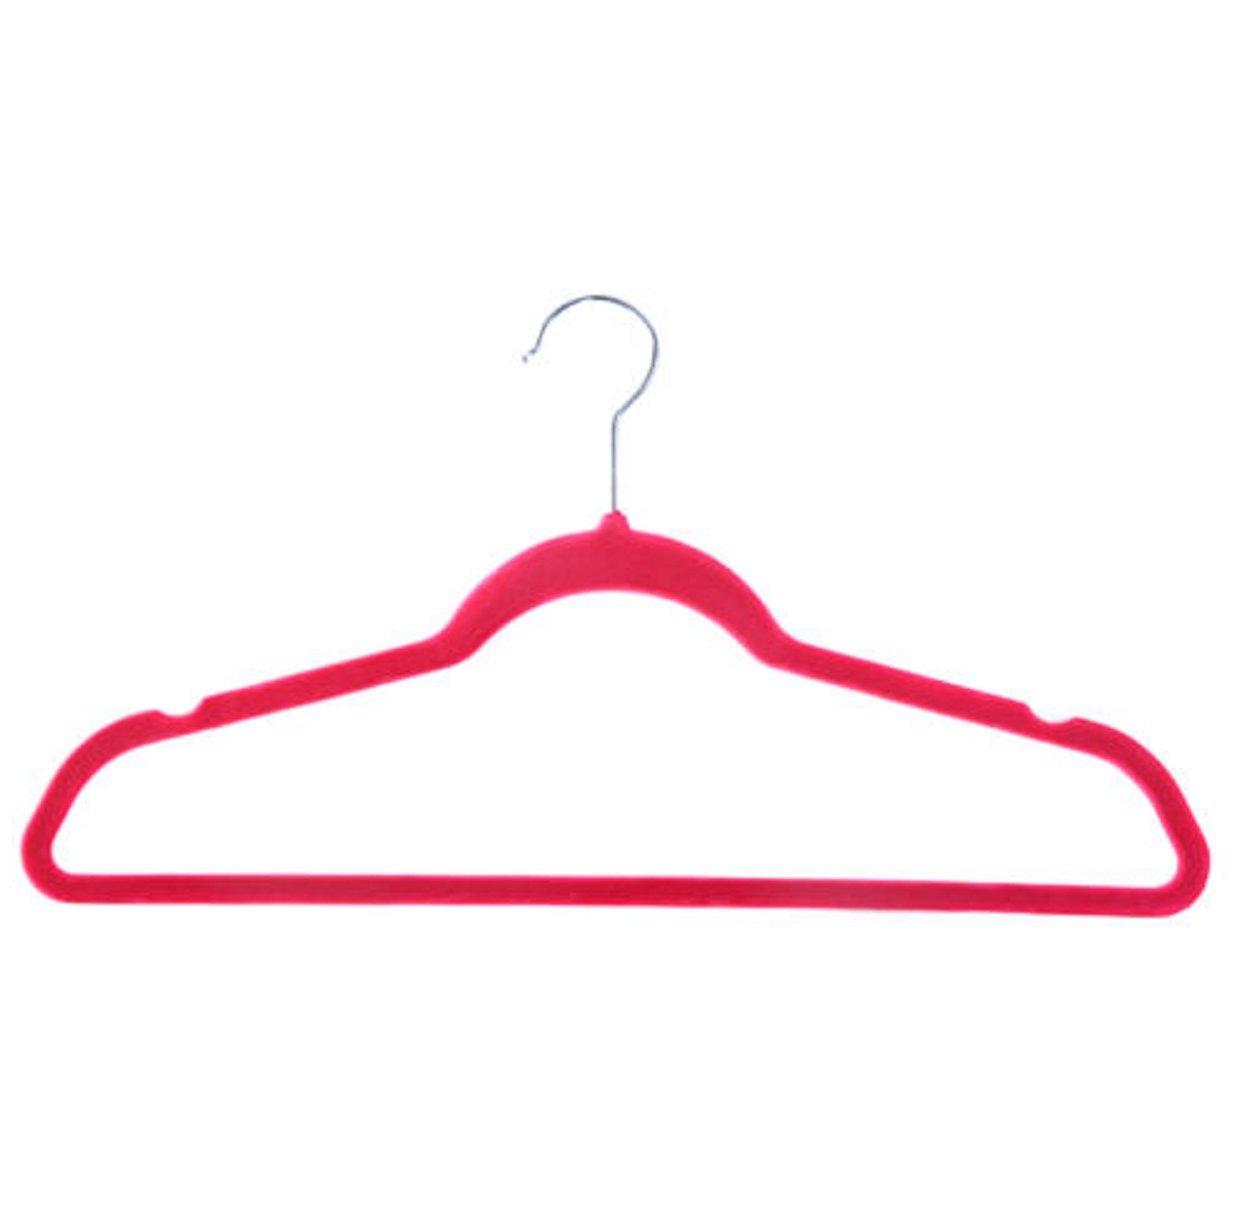 60 PCS Non Slip Velvet Clothes Suit Pants 4 colors the Shape Suit/Shirt/Pants Hangers Multicolor by Phumon567 (Image #8)